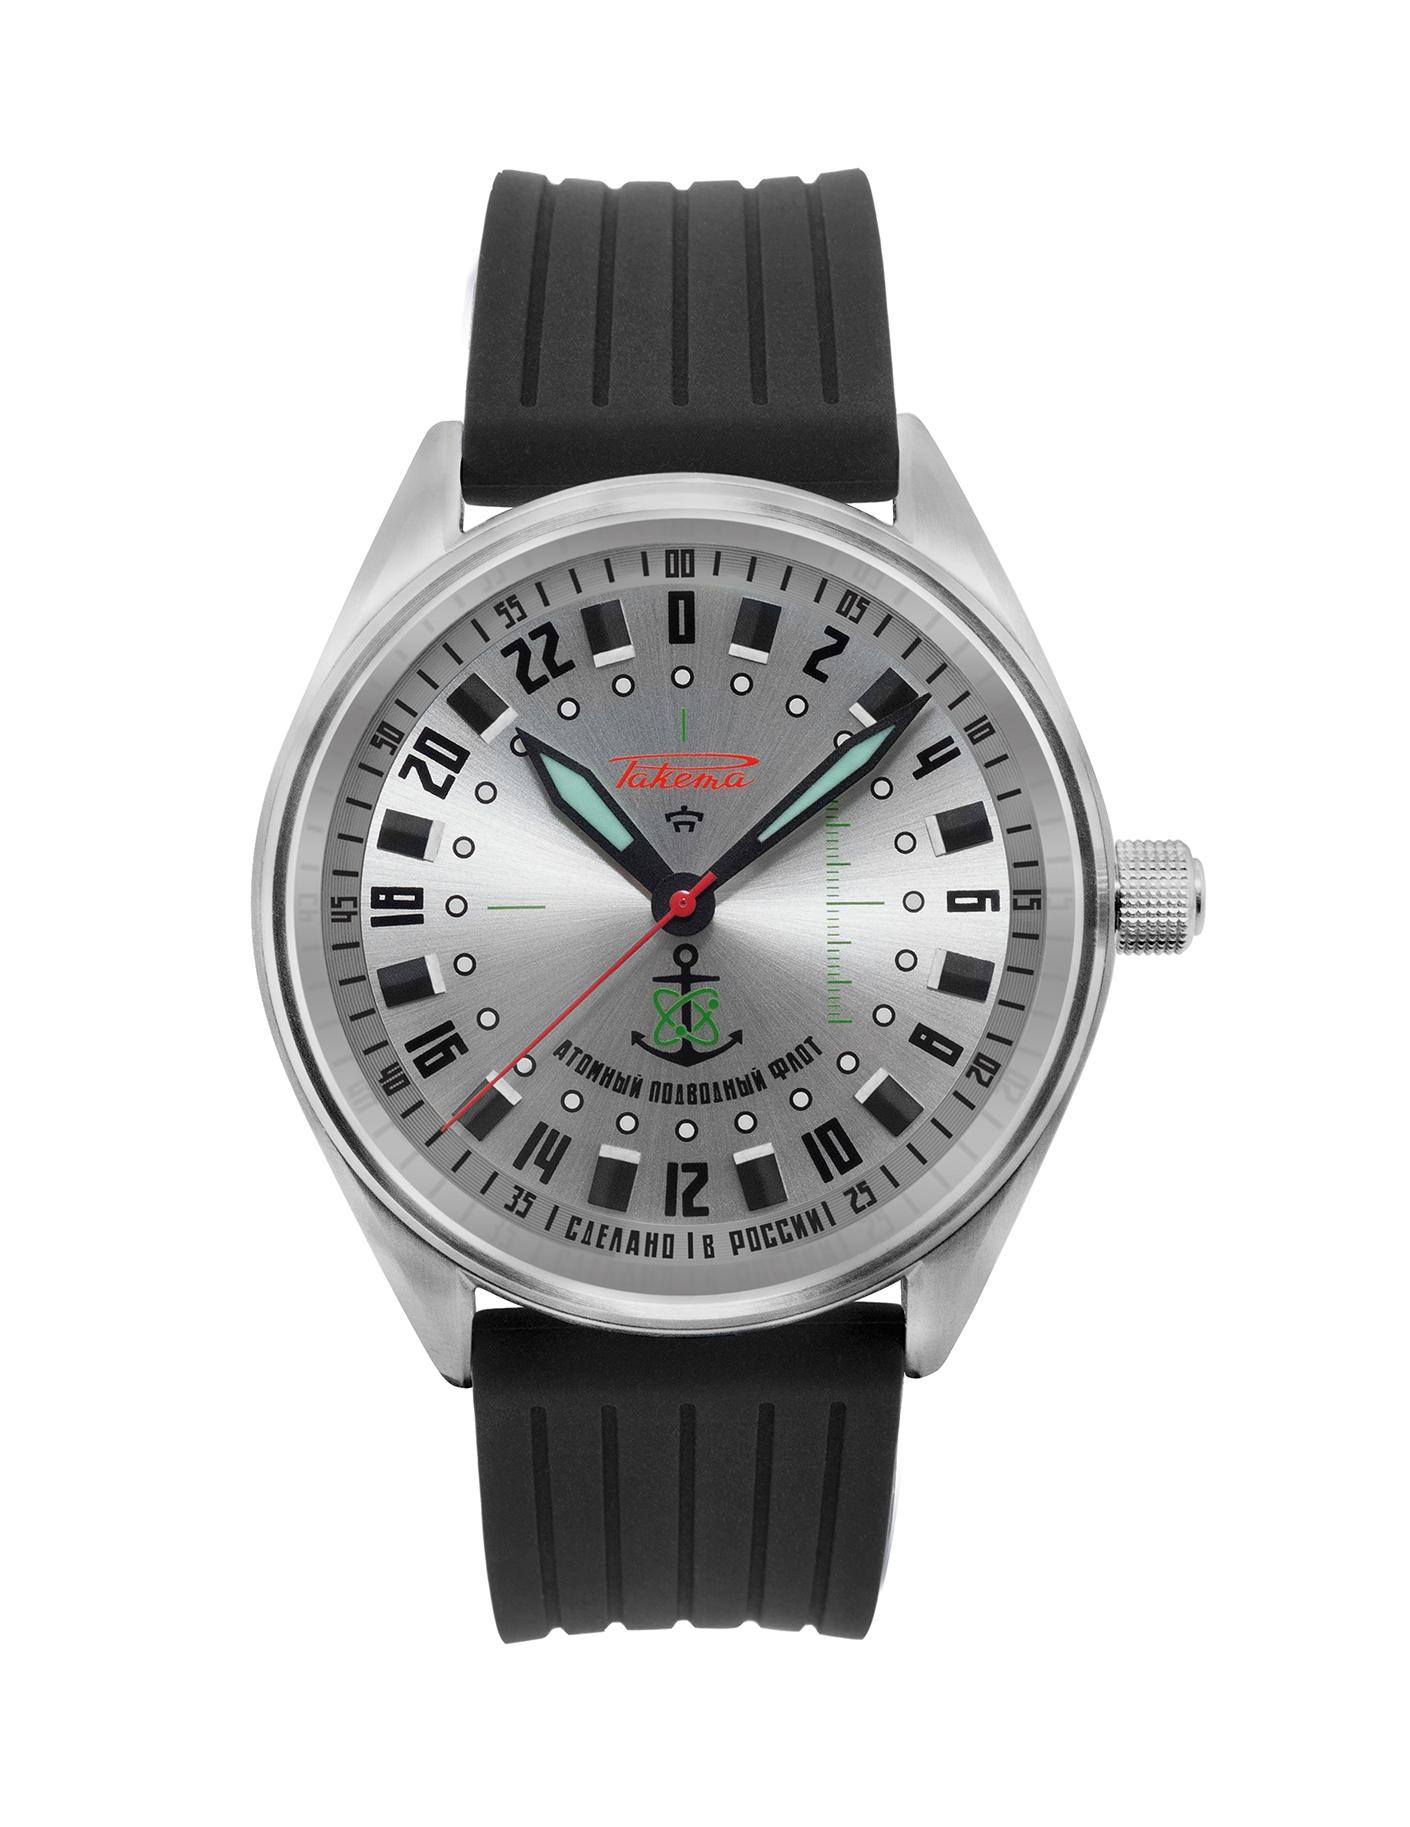 Русские часы с автоподзаводом в честь летия русского авангарда от эмира кустурицы.